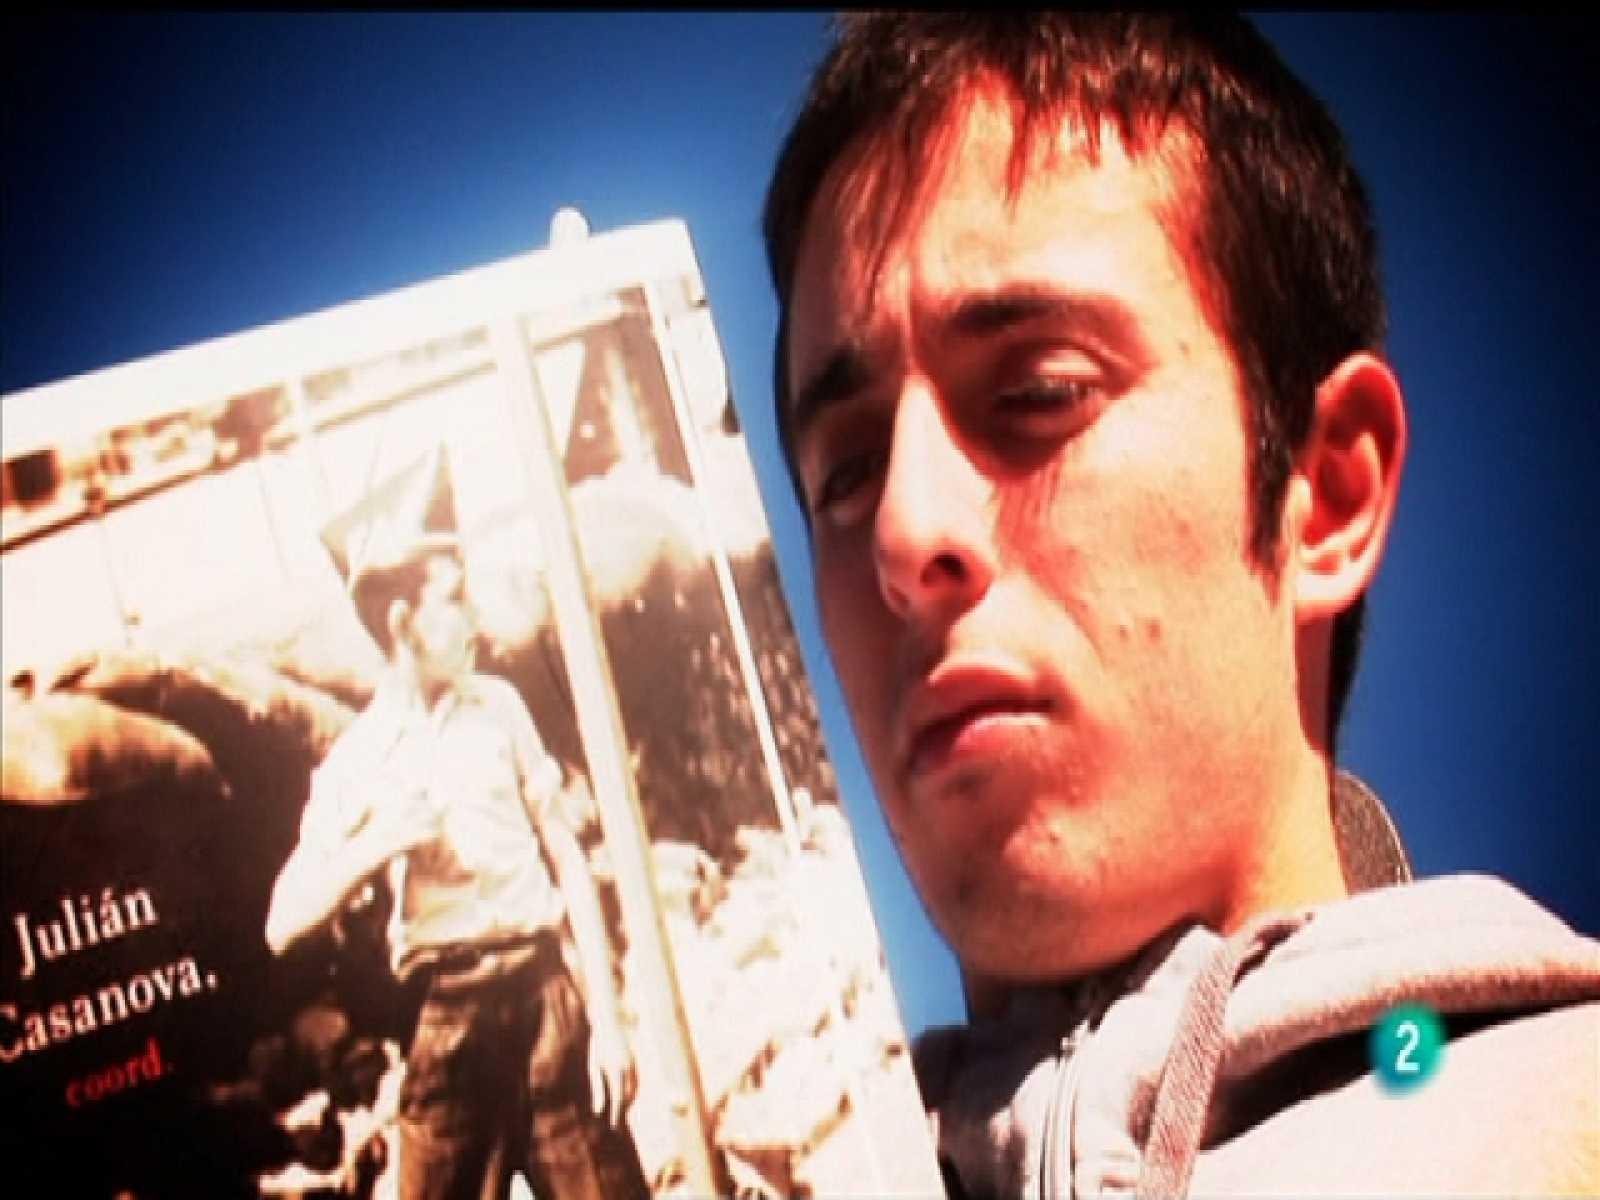 Página 2 - Pablo Gutiérrez 16/11/2010